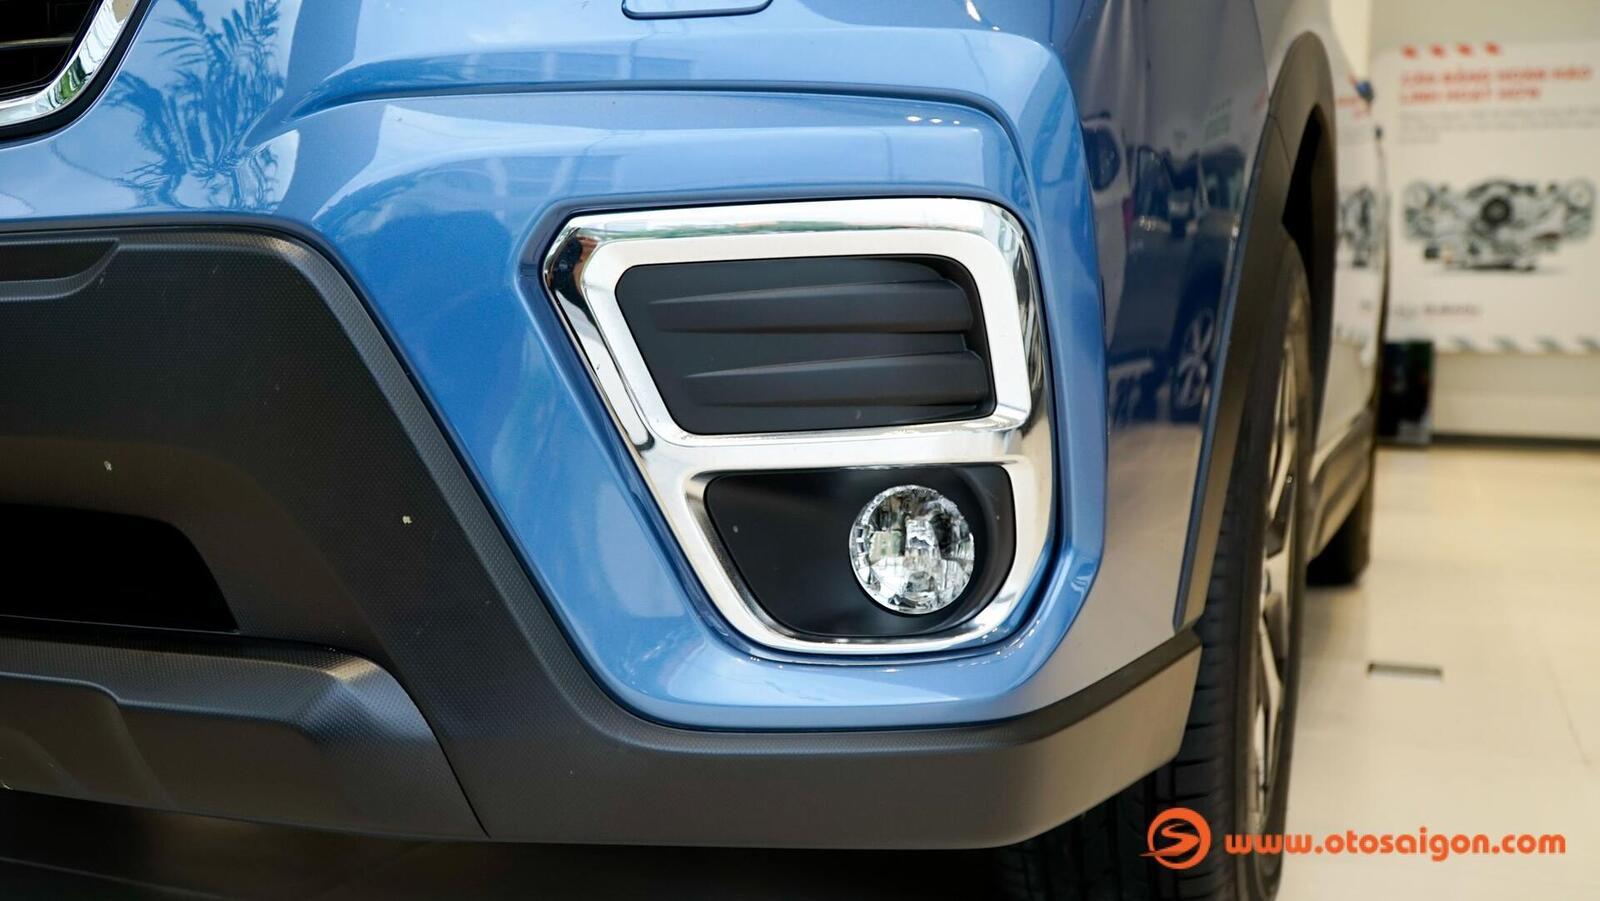 Đánh giá nhanh Subaru Forester thế hệ mới và sự khác biệt giữa hai phiên bản - Hình 7